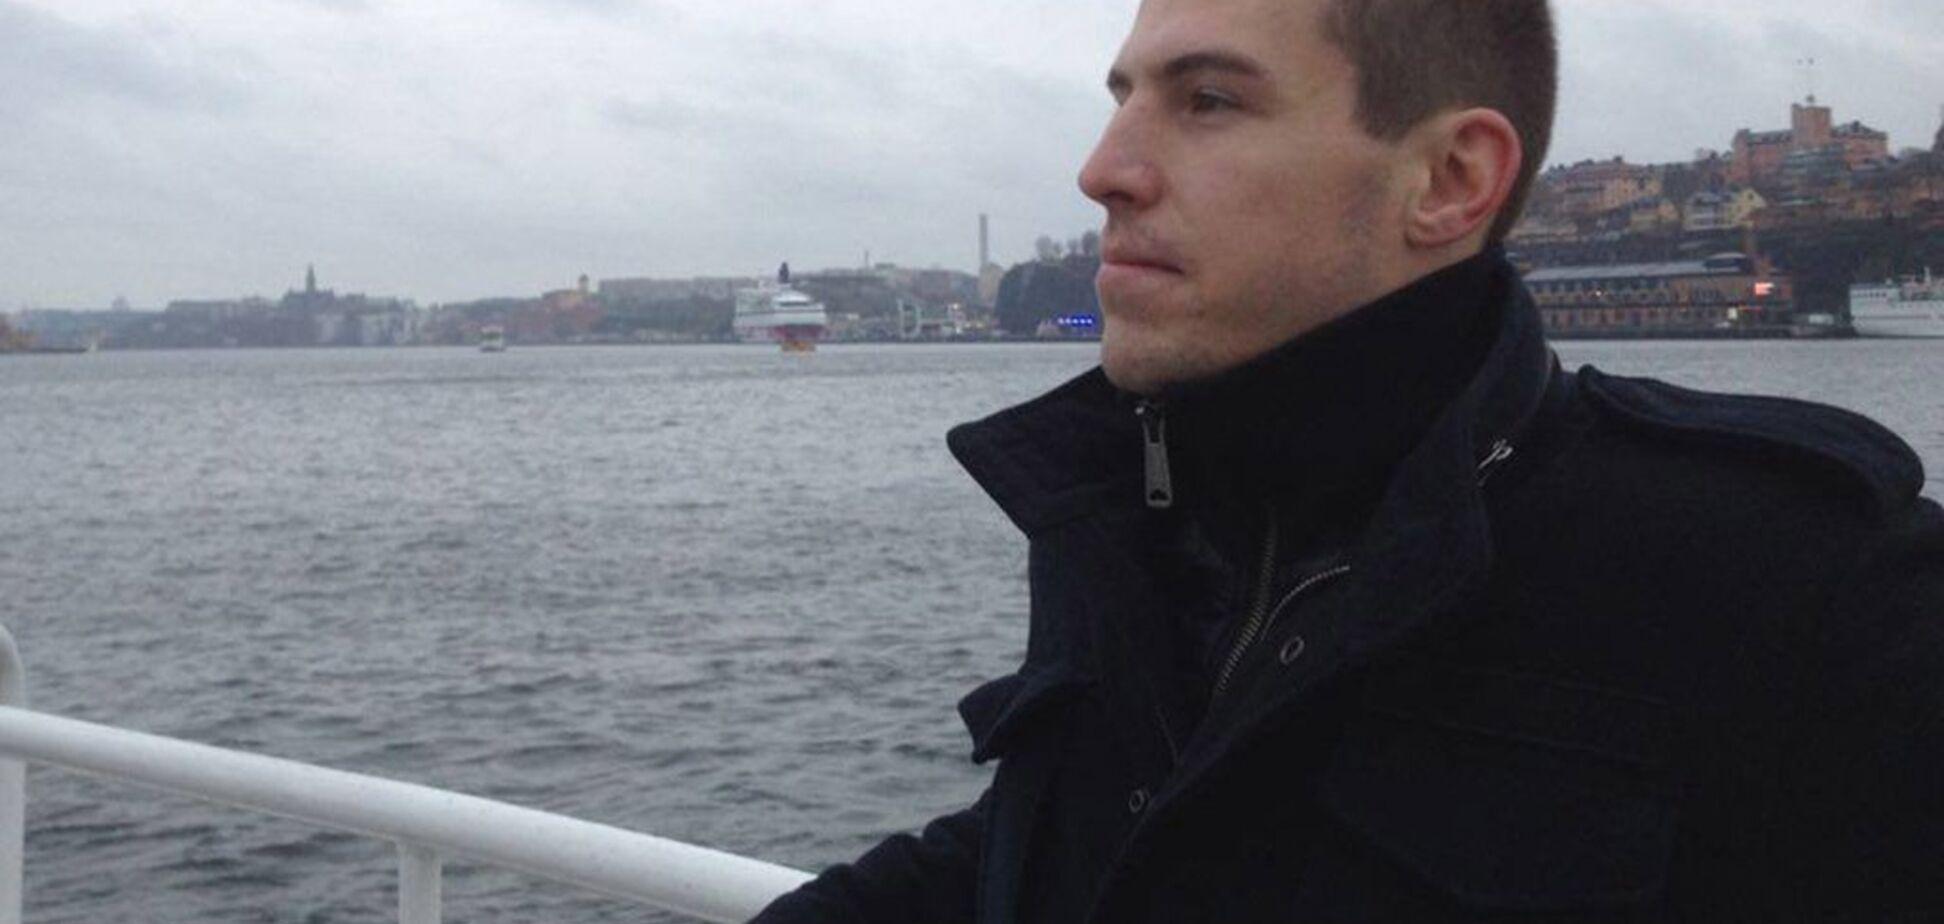 Интересовался Украиной и ЧВК ''Вагнера'': в России обвинили в измене известного военного эксперта